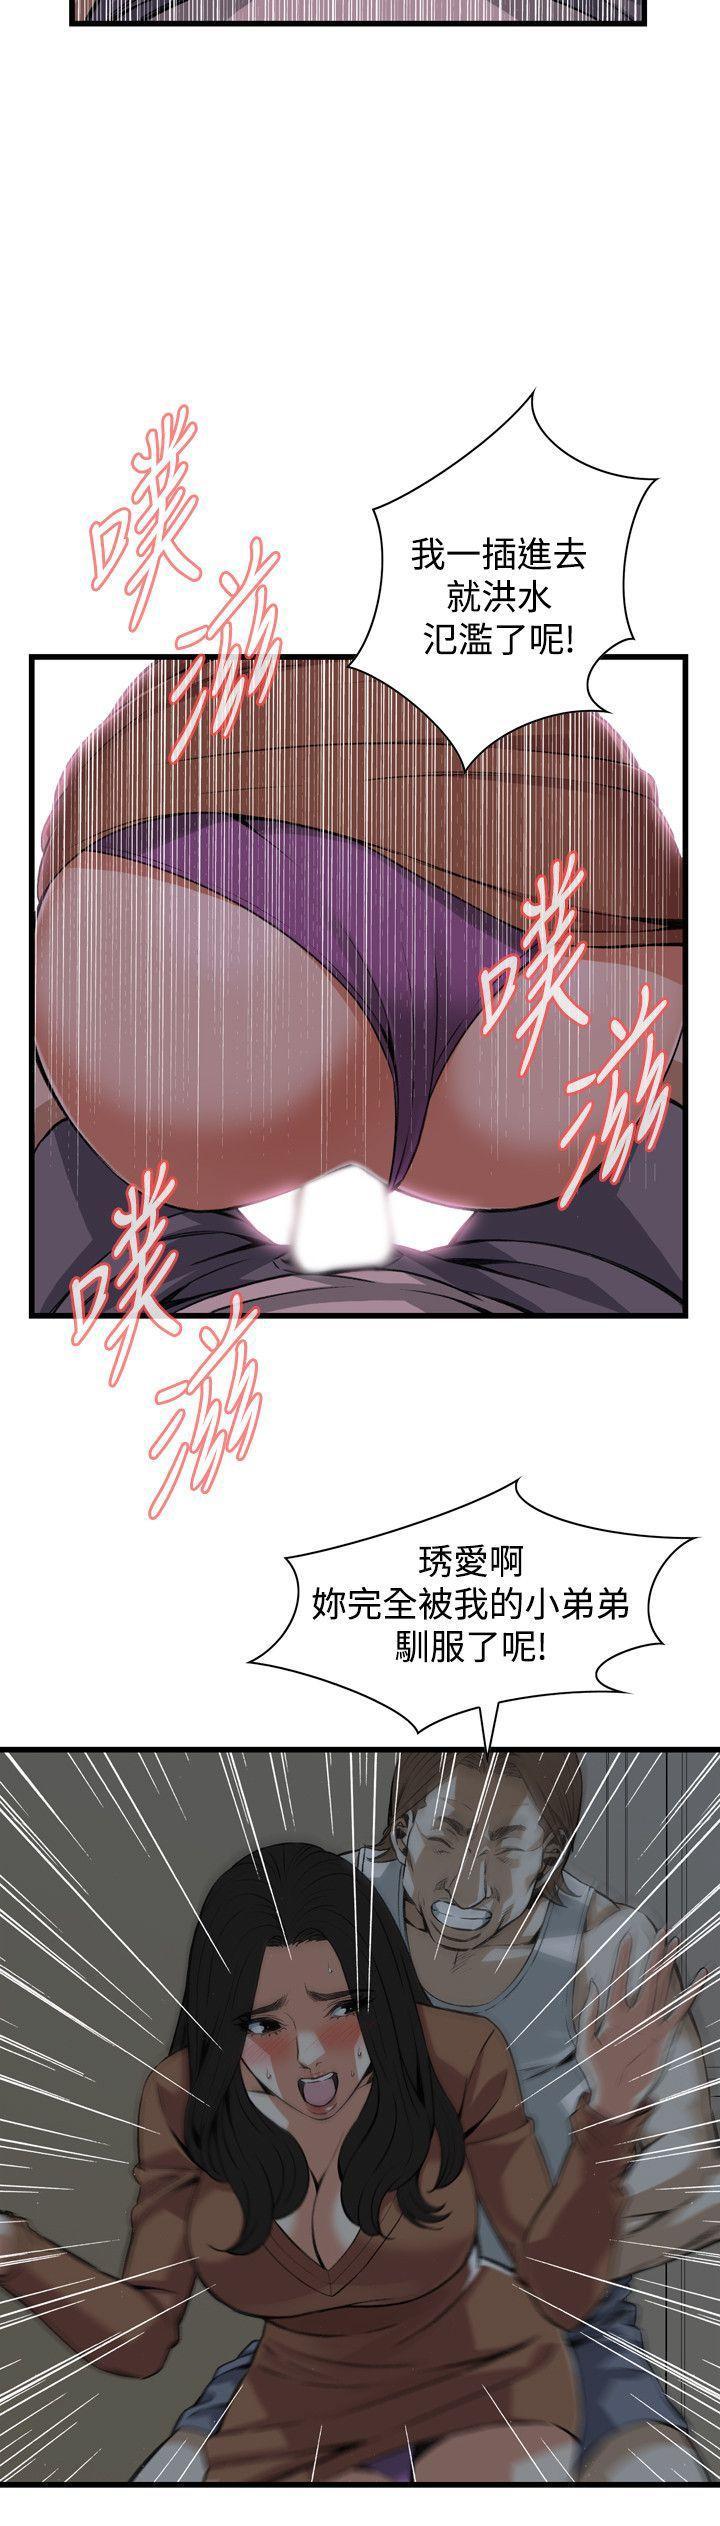 偷窥72-93 Chinese Rsiky 349